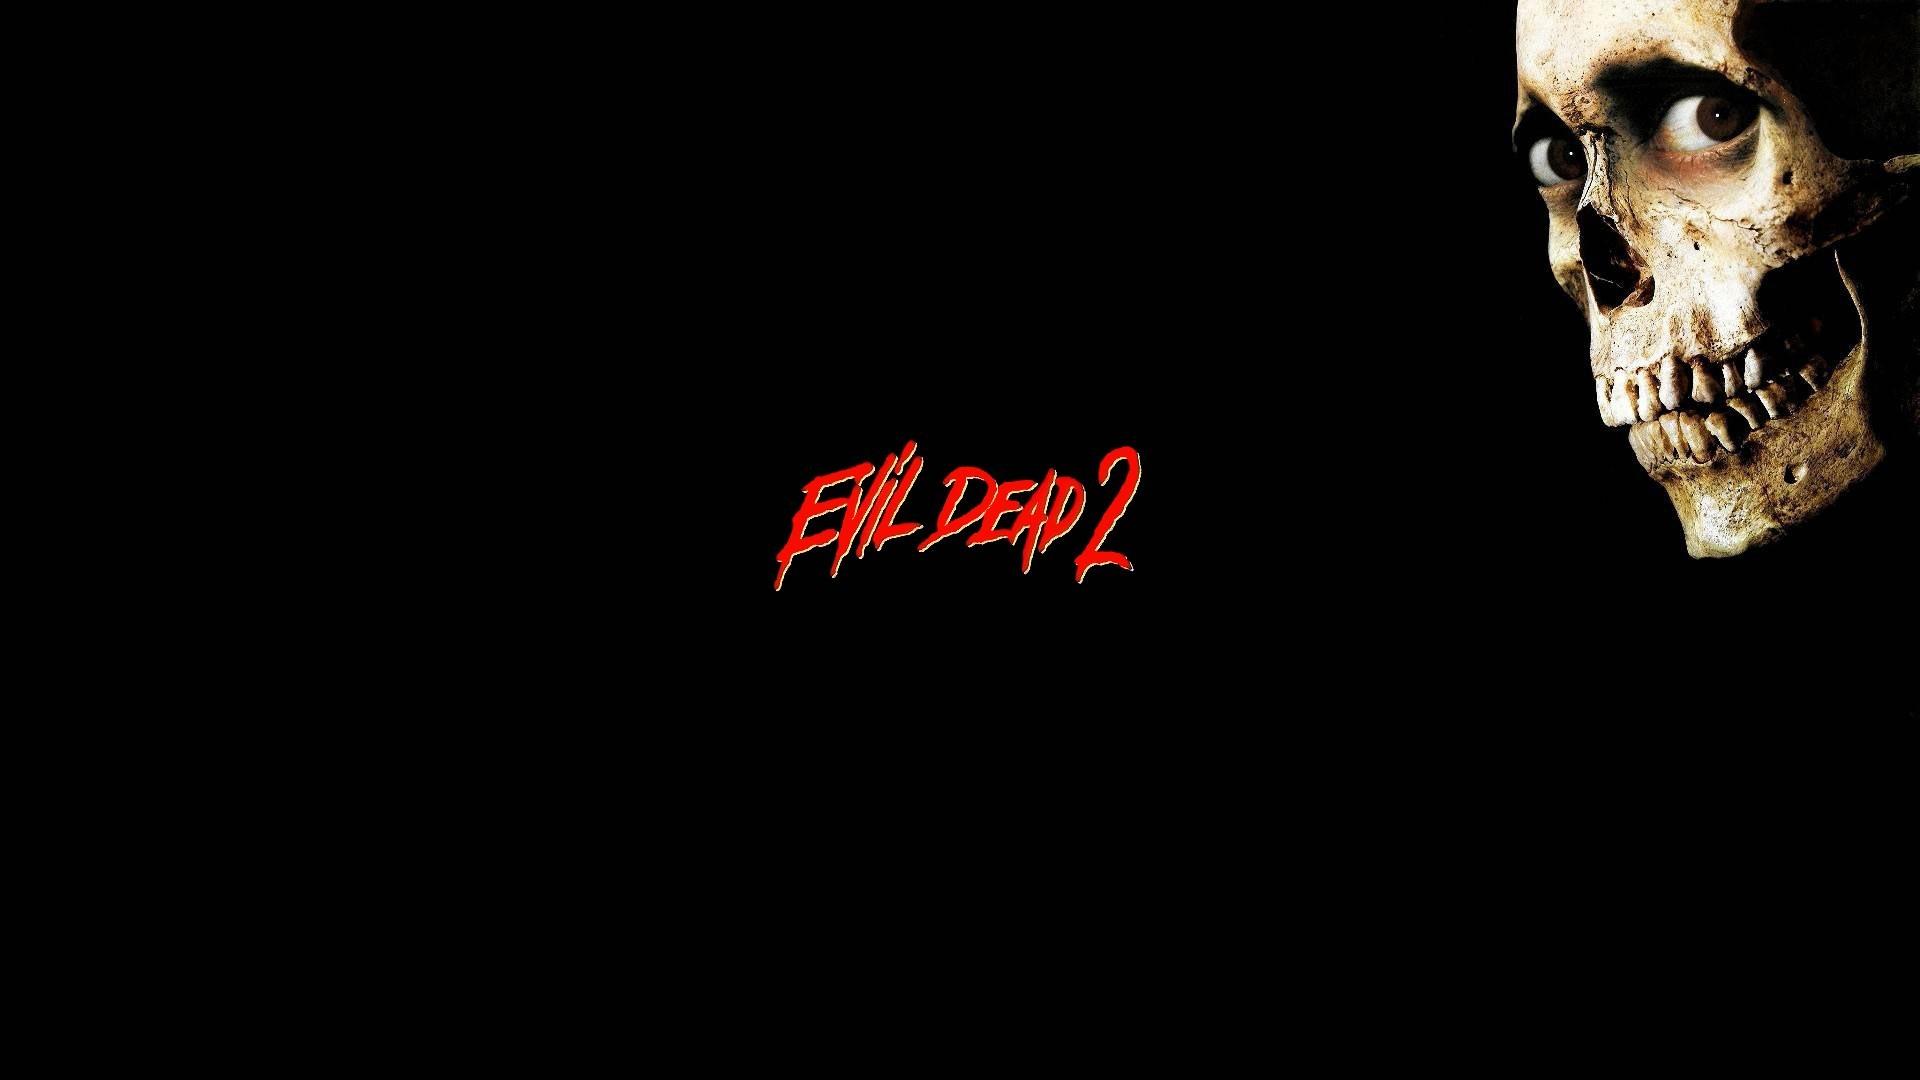 hd wallpaper evil dead ii – evil dead ii category